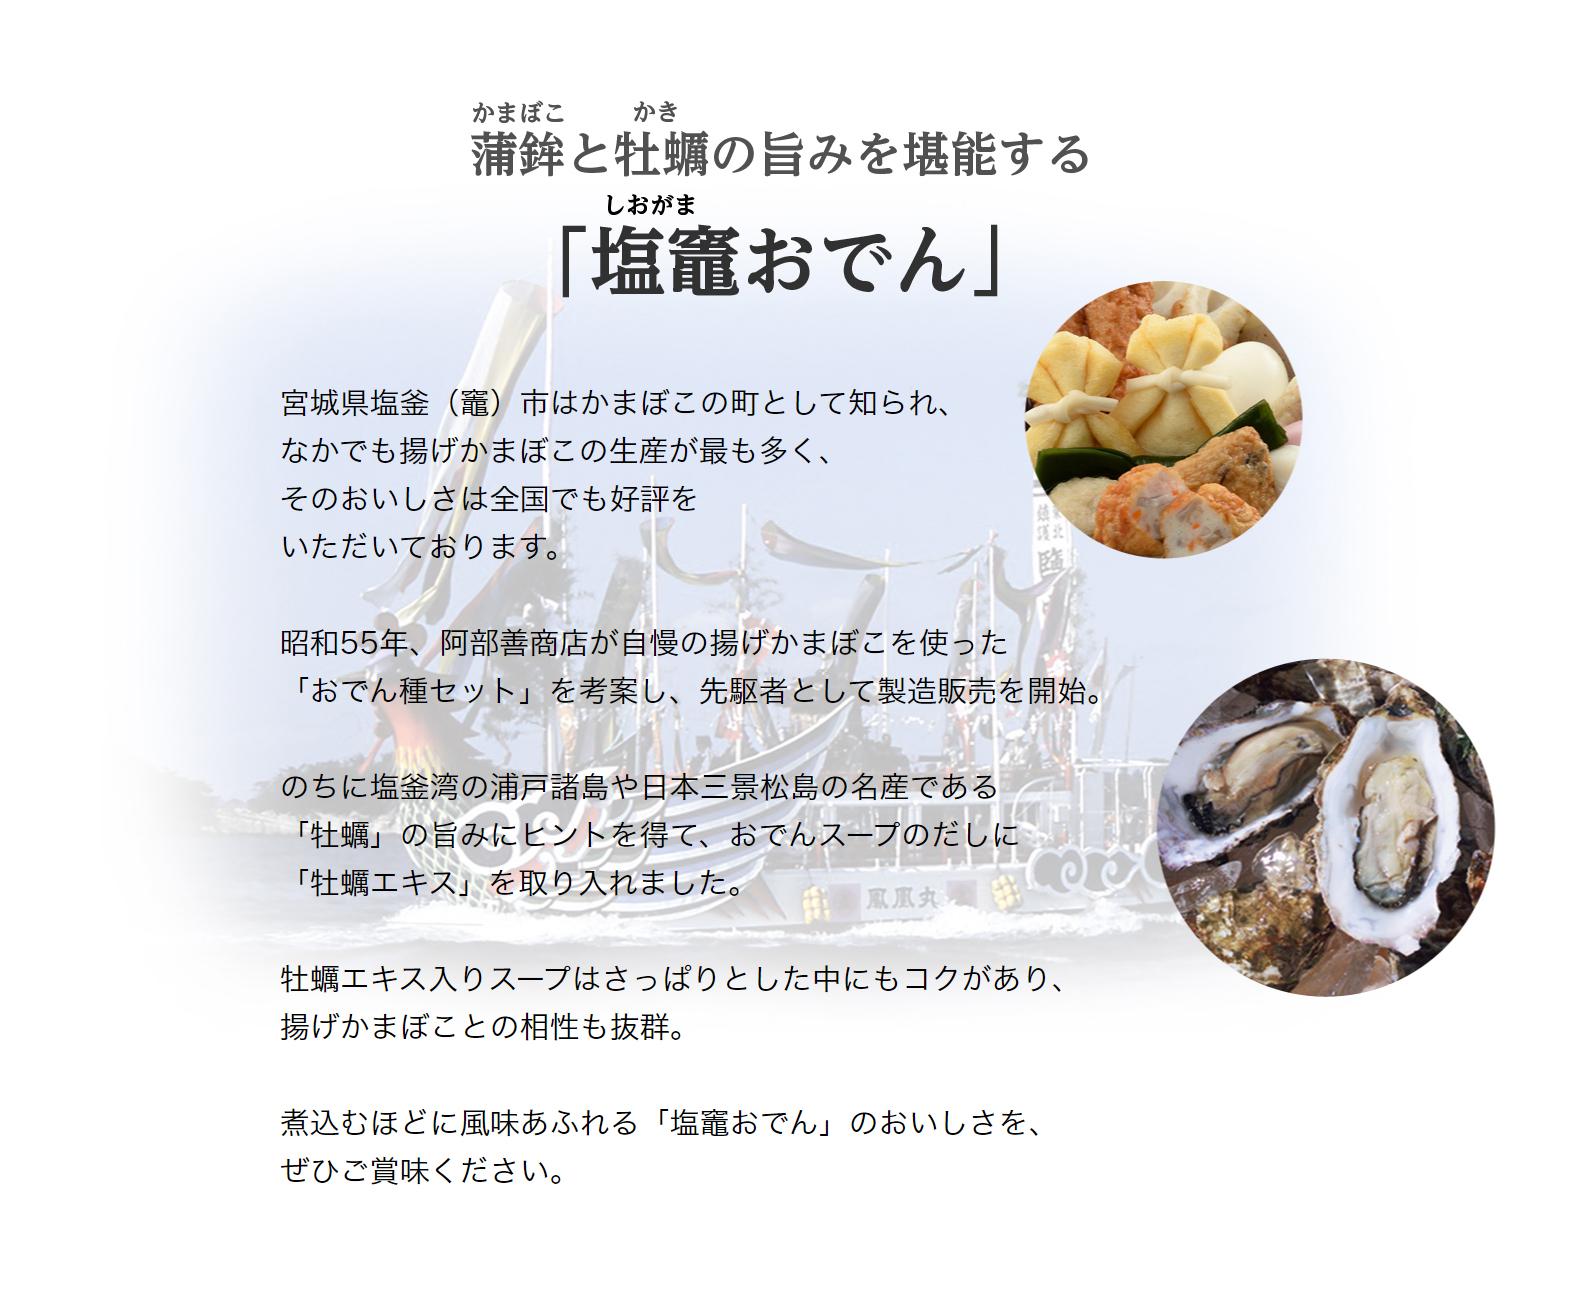 【缶詰】塩竈おでん缶 化粧箱8缶セット